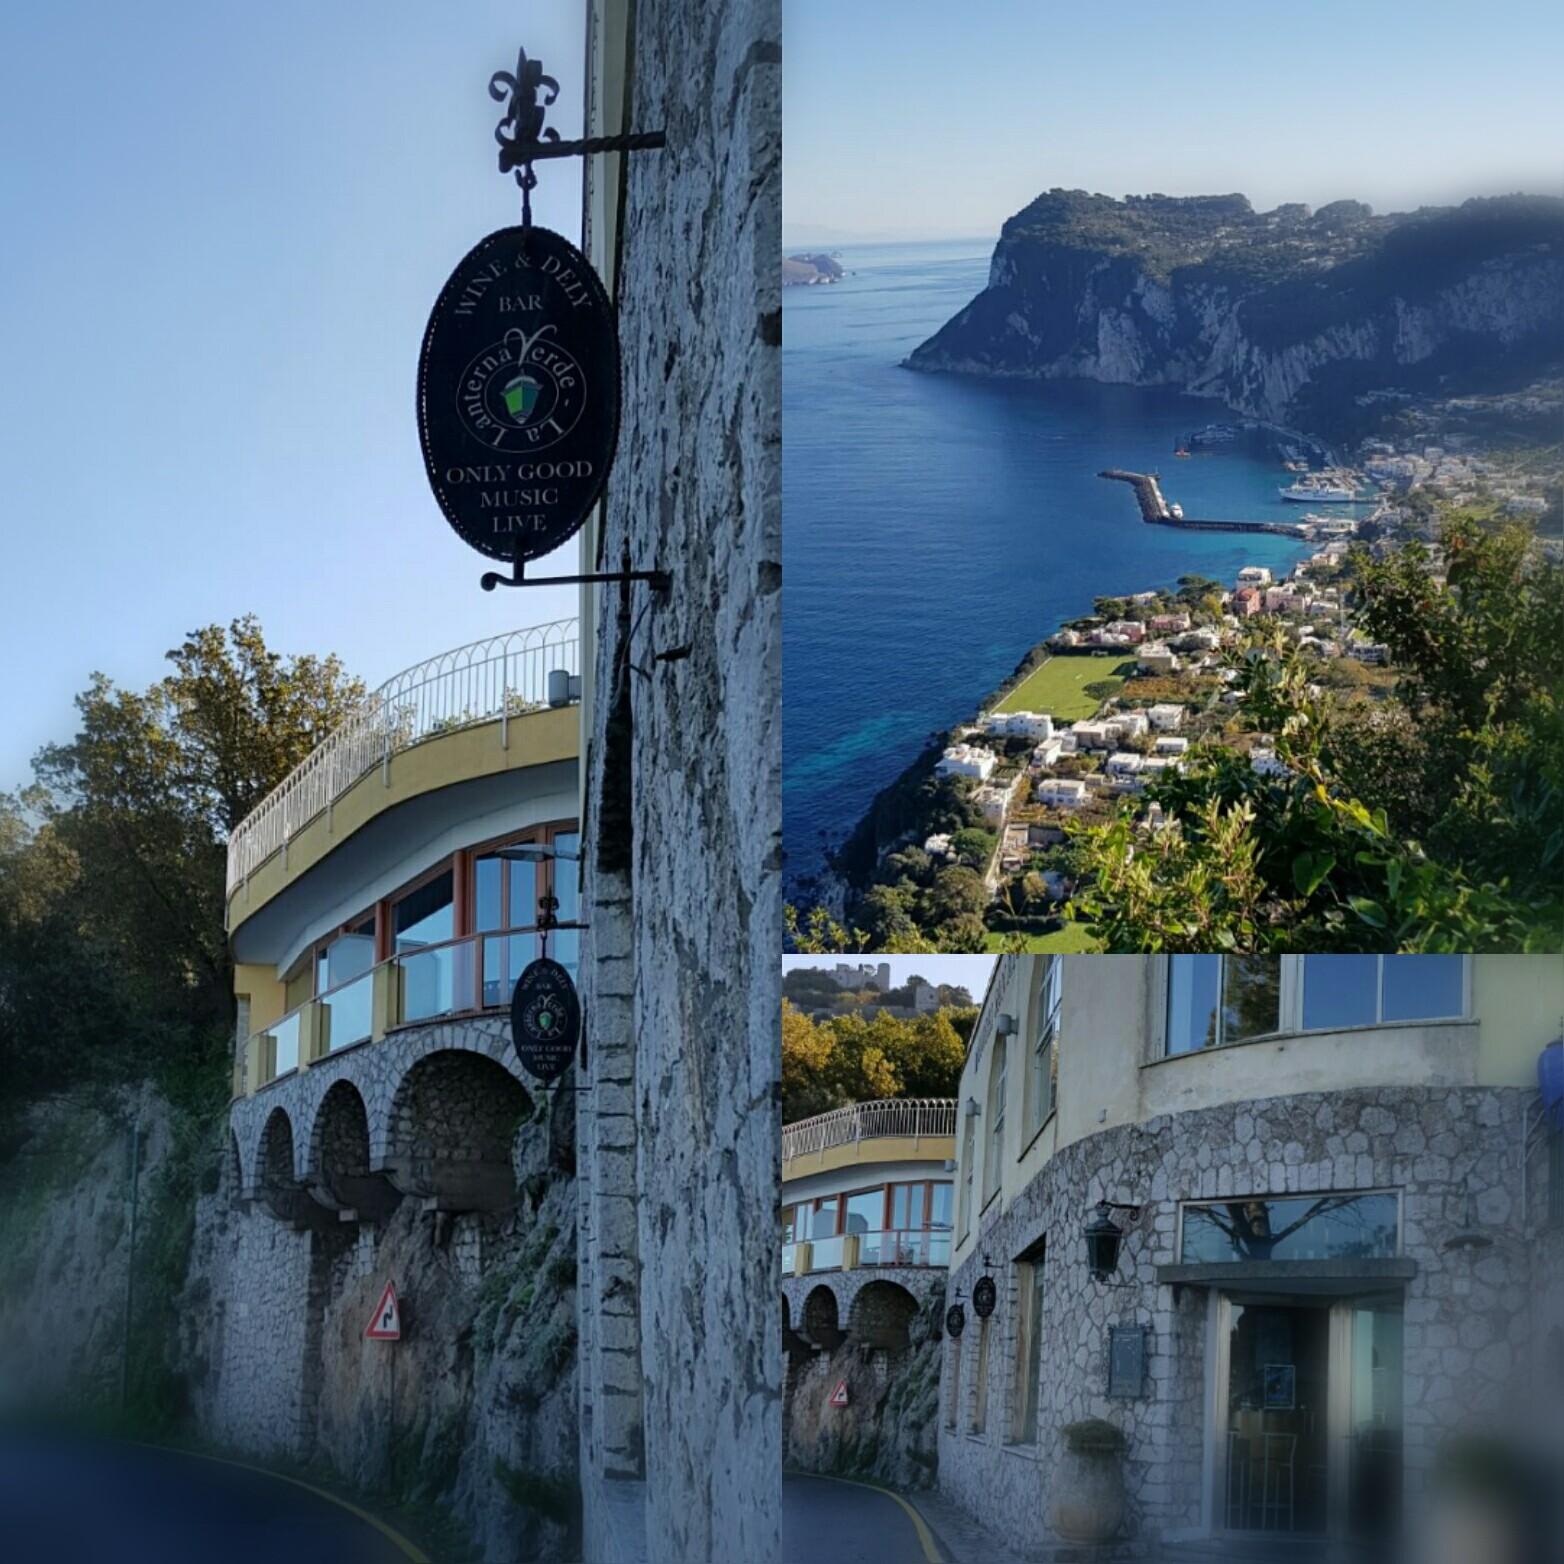 La Lanterna Verde, via orlandi 1 - Anacapri, Capri